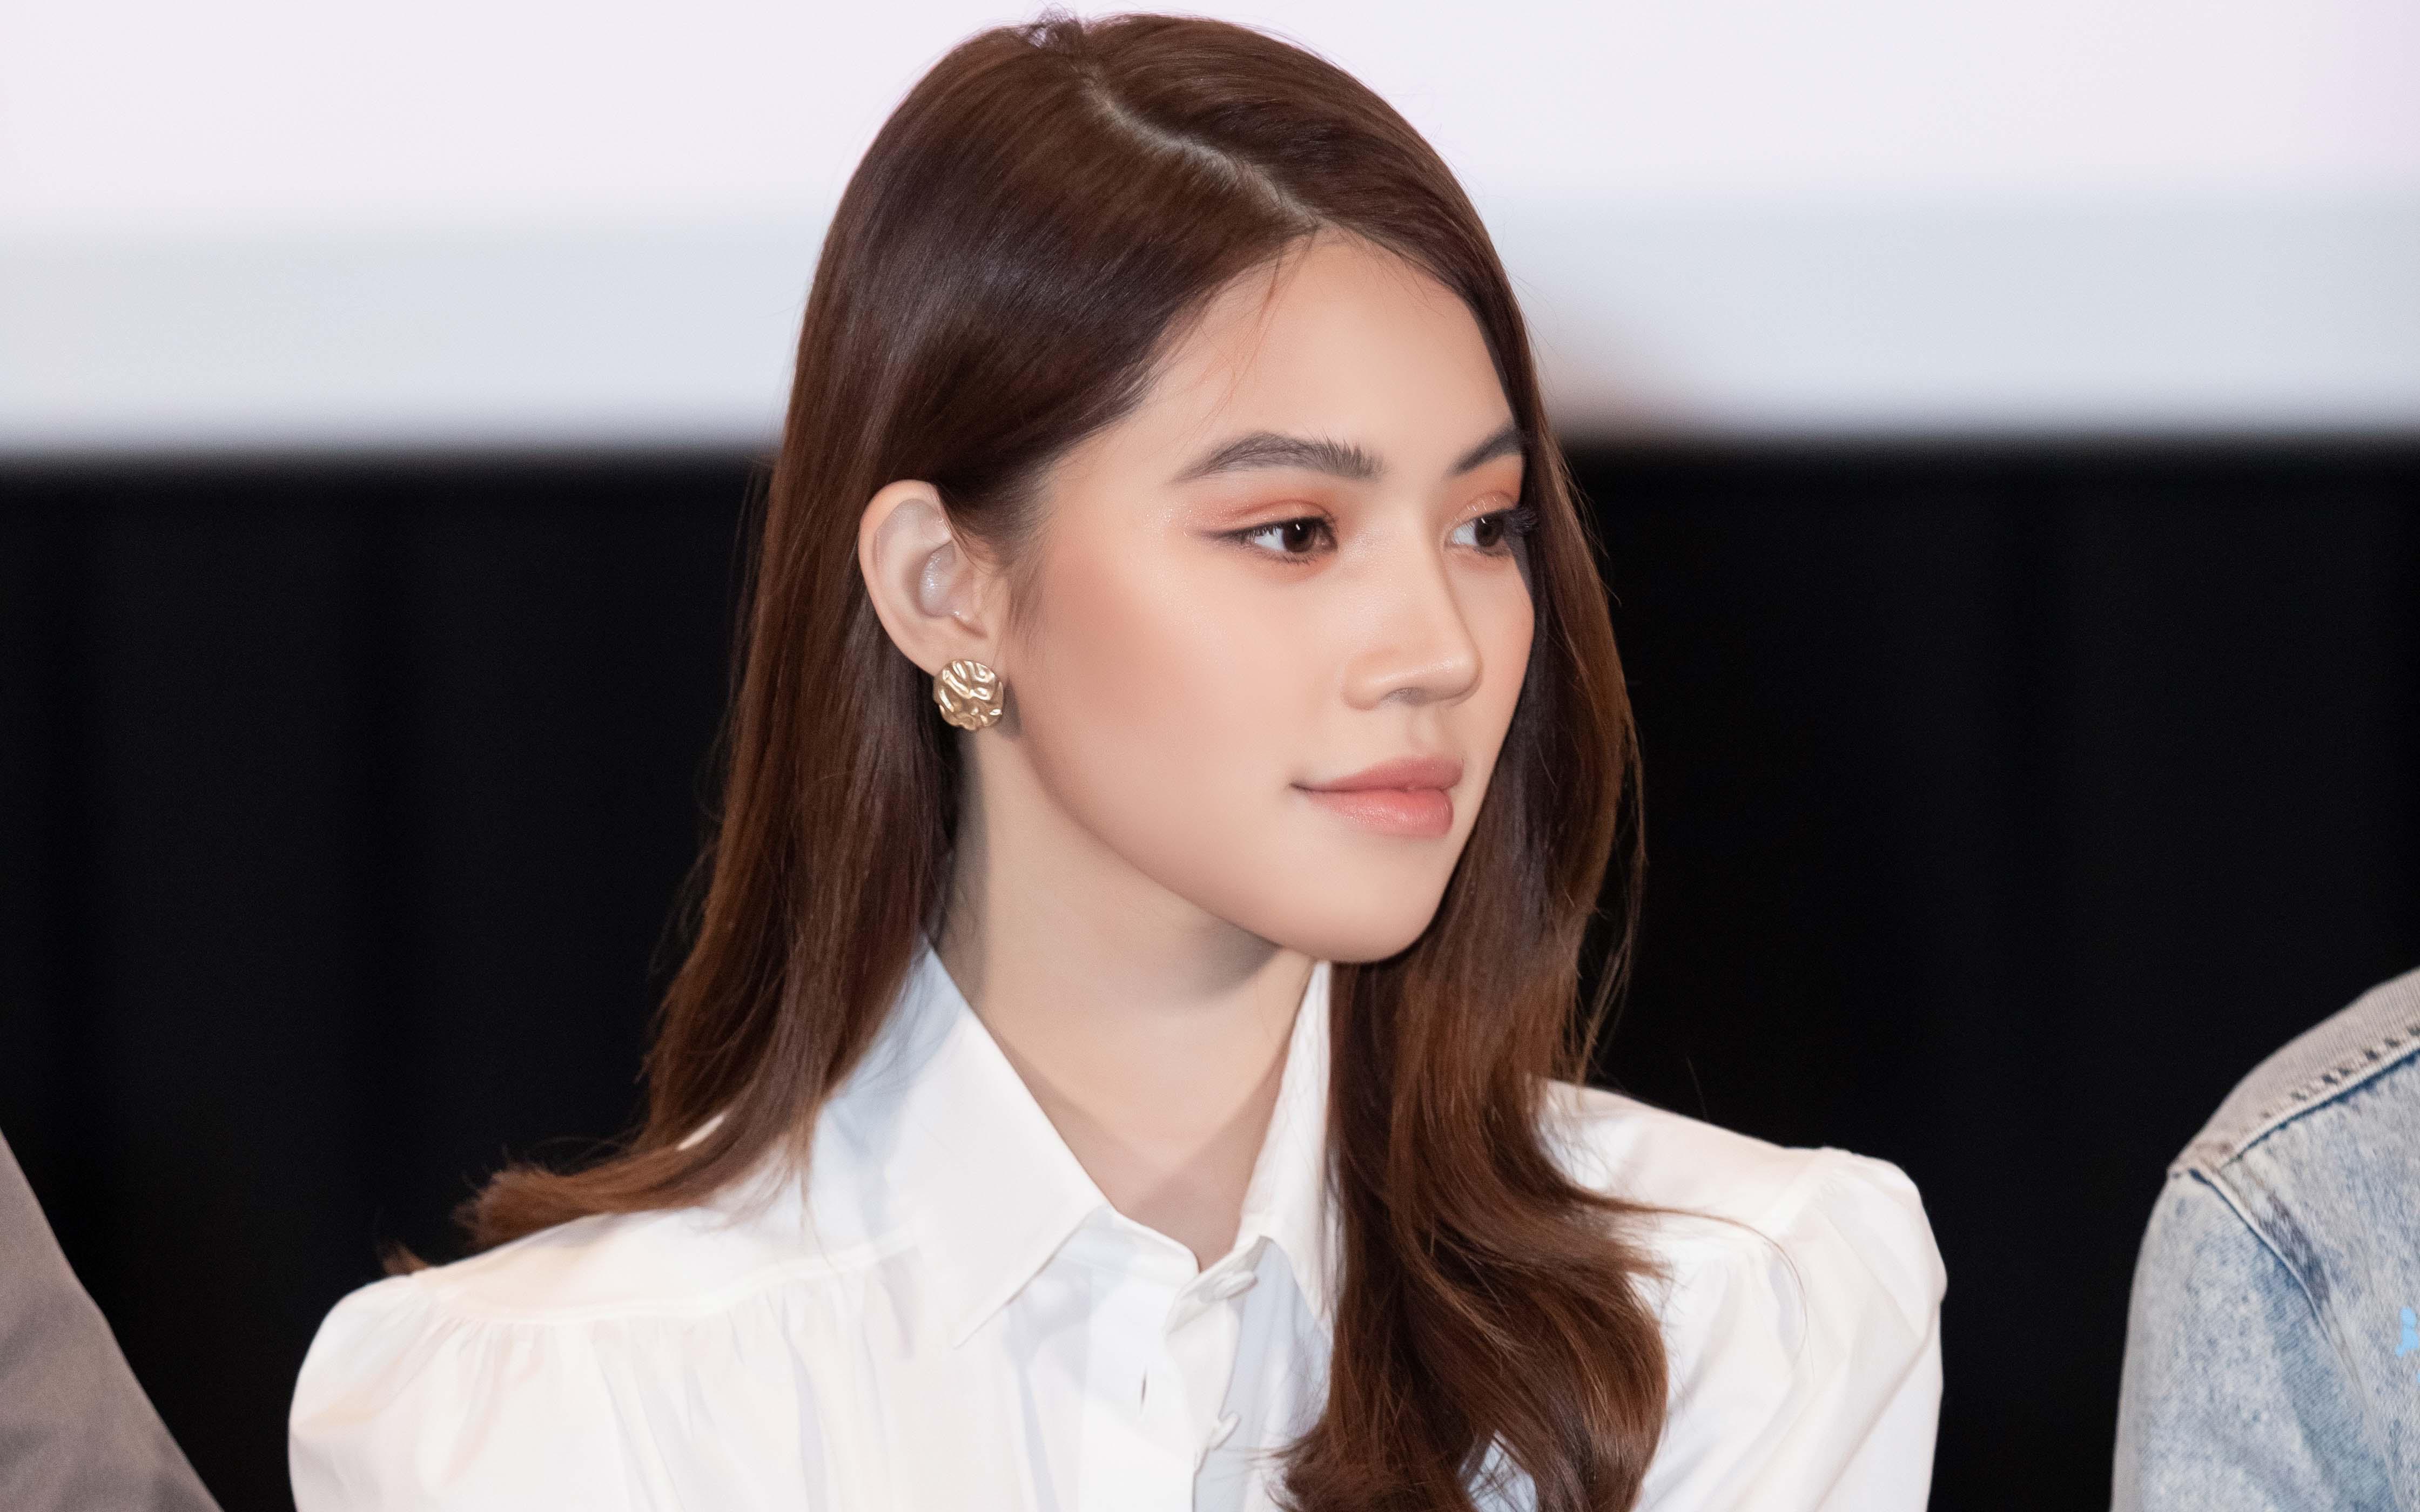 Jolie Nguyễn gần đây nhất đóng vai rich kid, mặc toàn đồ hiệu sang chảnh và đố khán giả đếm số trang phục mình mặc